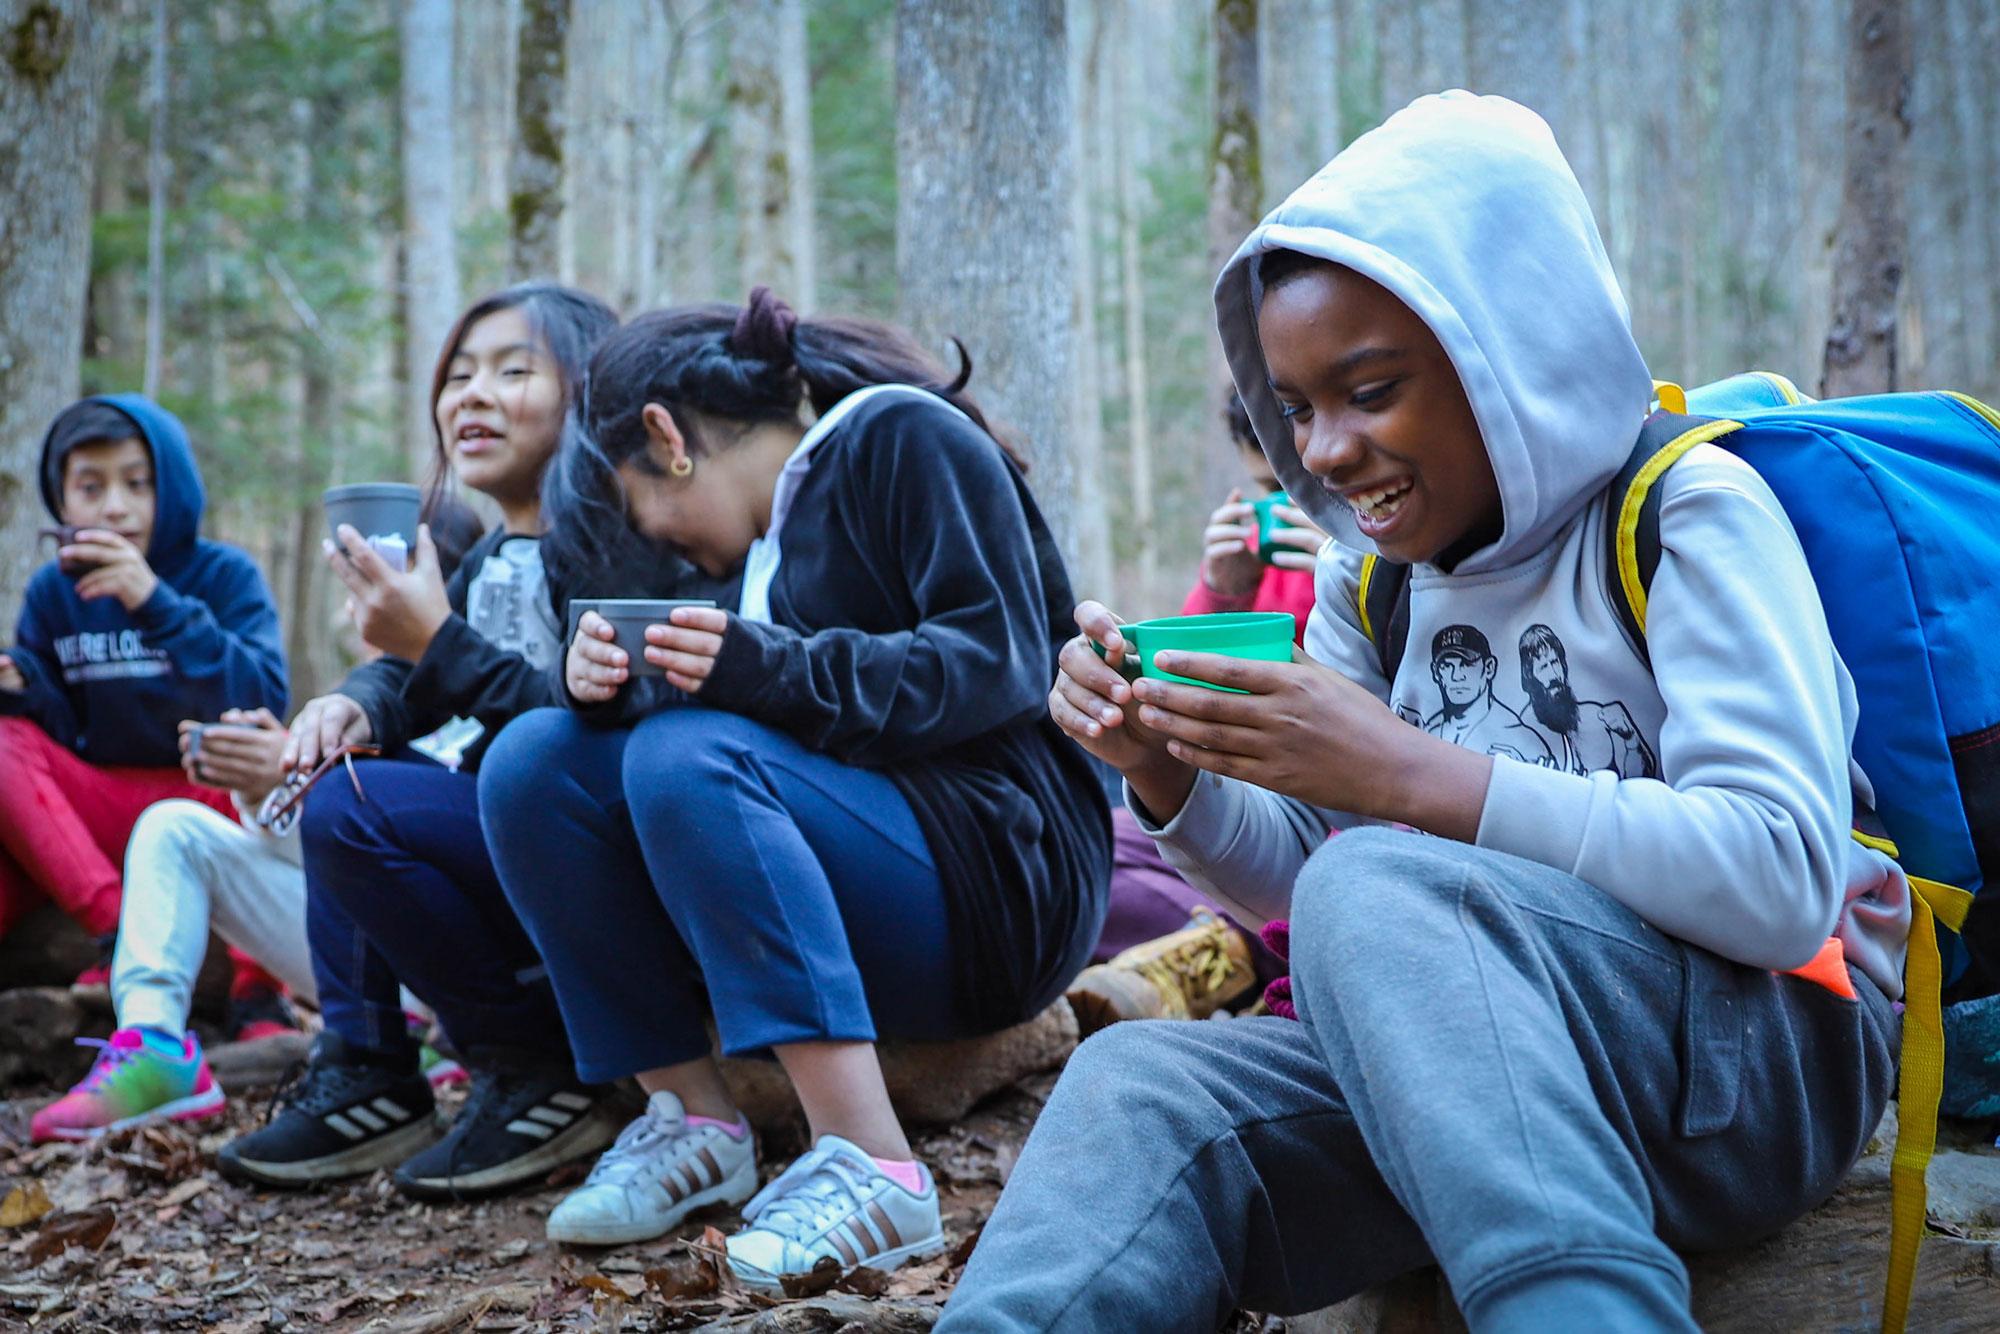 School children laugh around a campfire